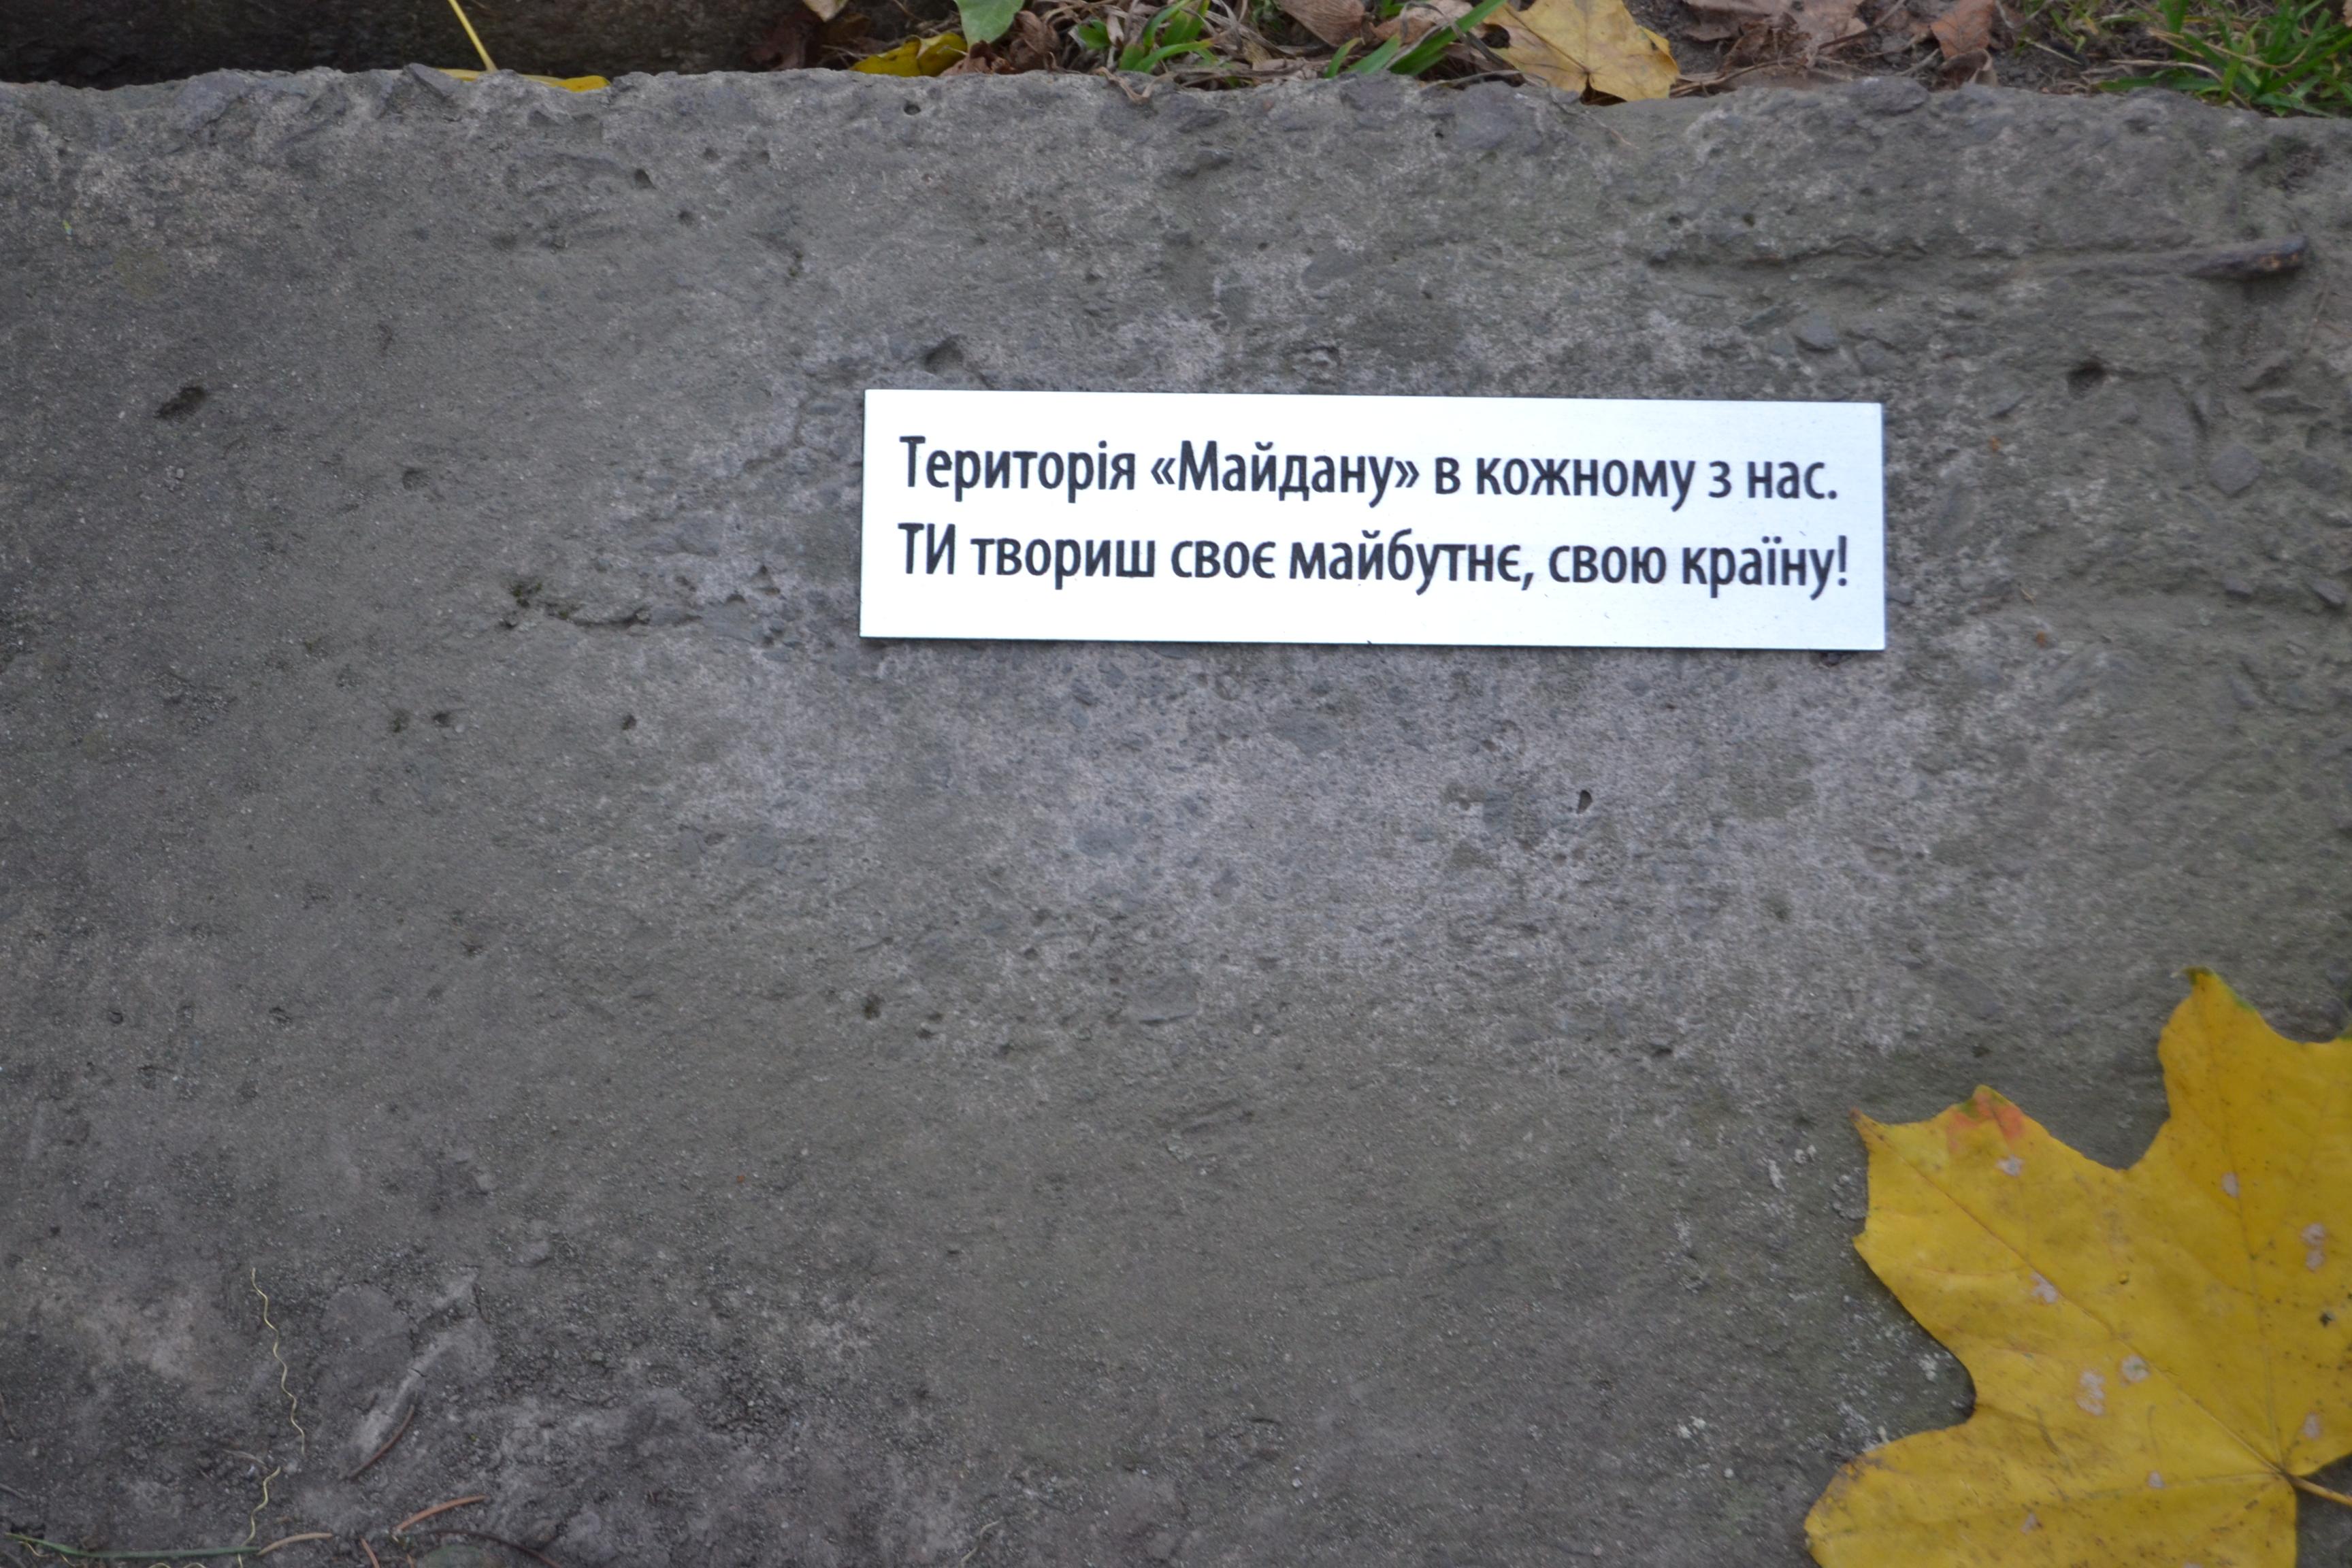 Територія Майдану у кожному з нас